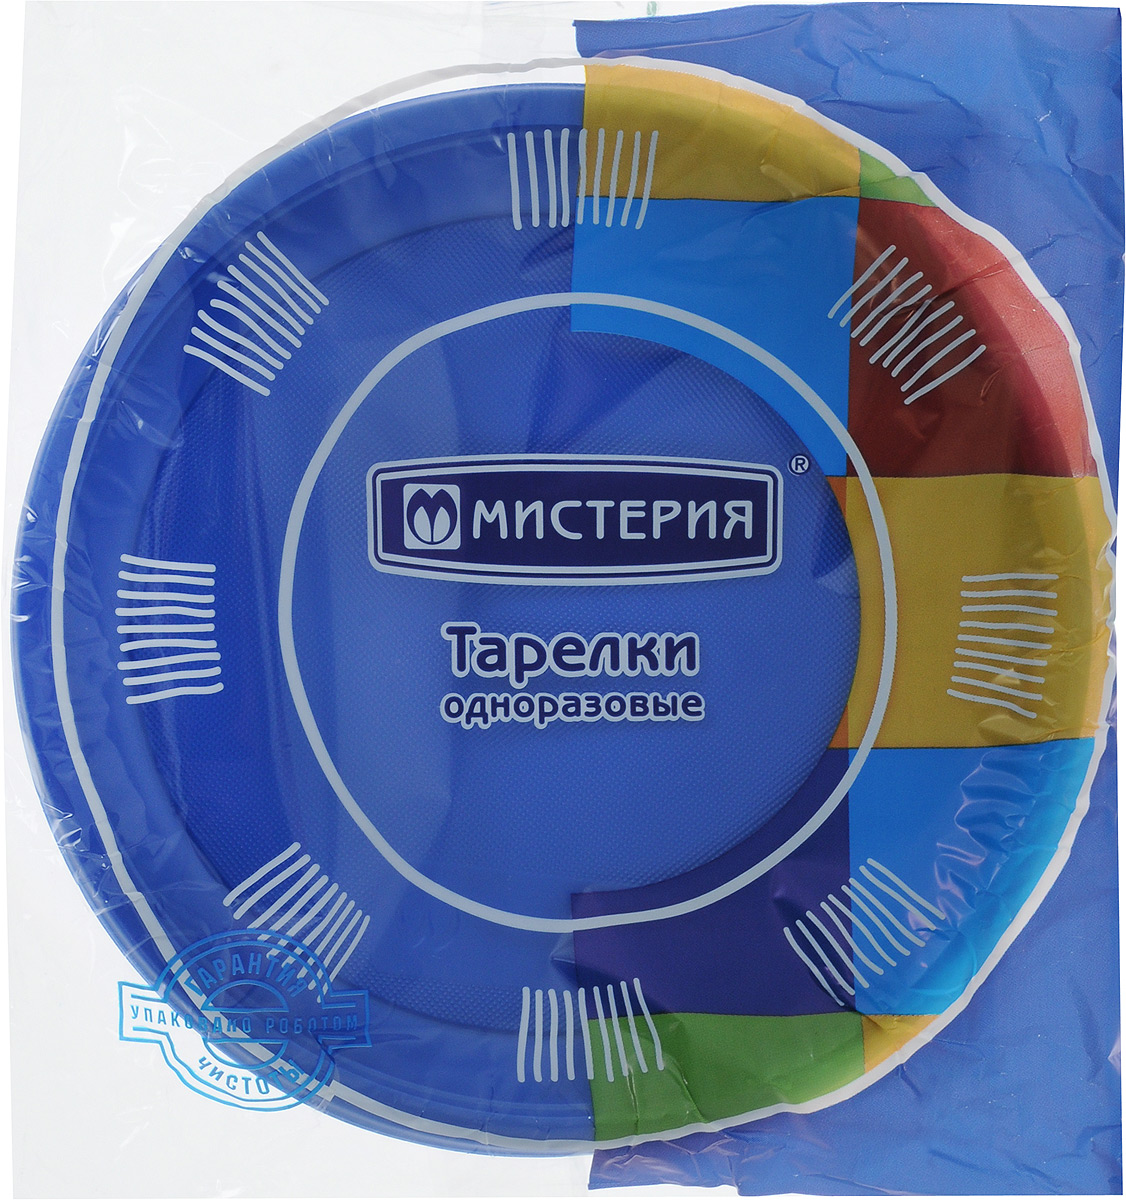 Набор одноразовых тарелок Мистерия, цвет: синий, диаметр 21 см, 12 шт183220Набор Мистерия состоит из 12 круглых тарелок, выполненных из полистирола и предназначенных для одноразового использования. Подходят для холодных и горячих пищевых продуктов.Одноразовые тарелки будут незаменимы при поездках на природу, пикниках и других мероприятиях. Они не займут много места, легки и самое главное - после использования их не надо мыть.Диаметр тарелки: 21 см.Высота тарелки: 1,5 см.